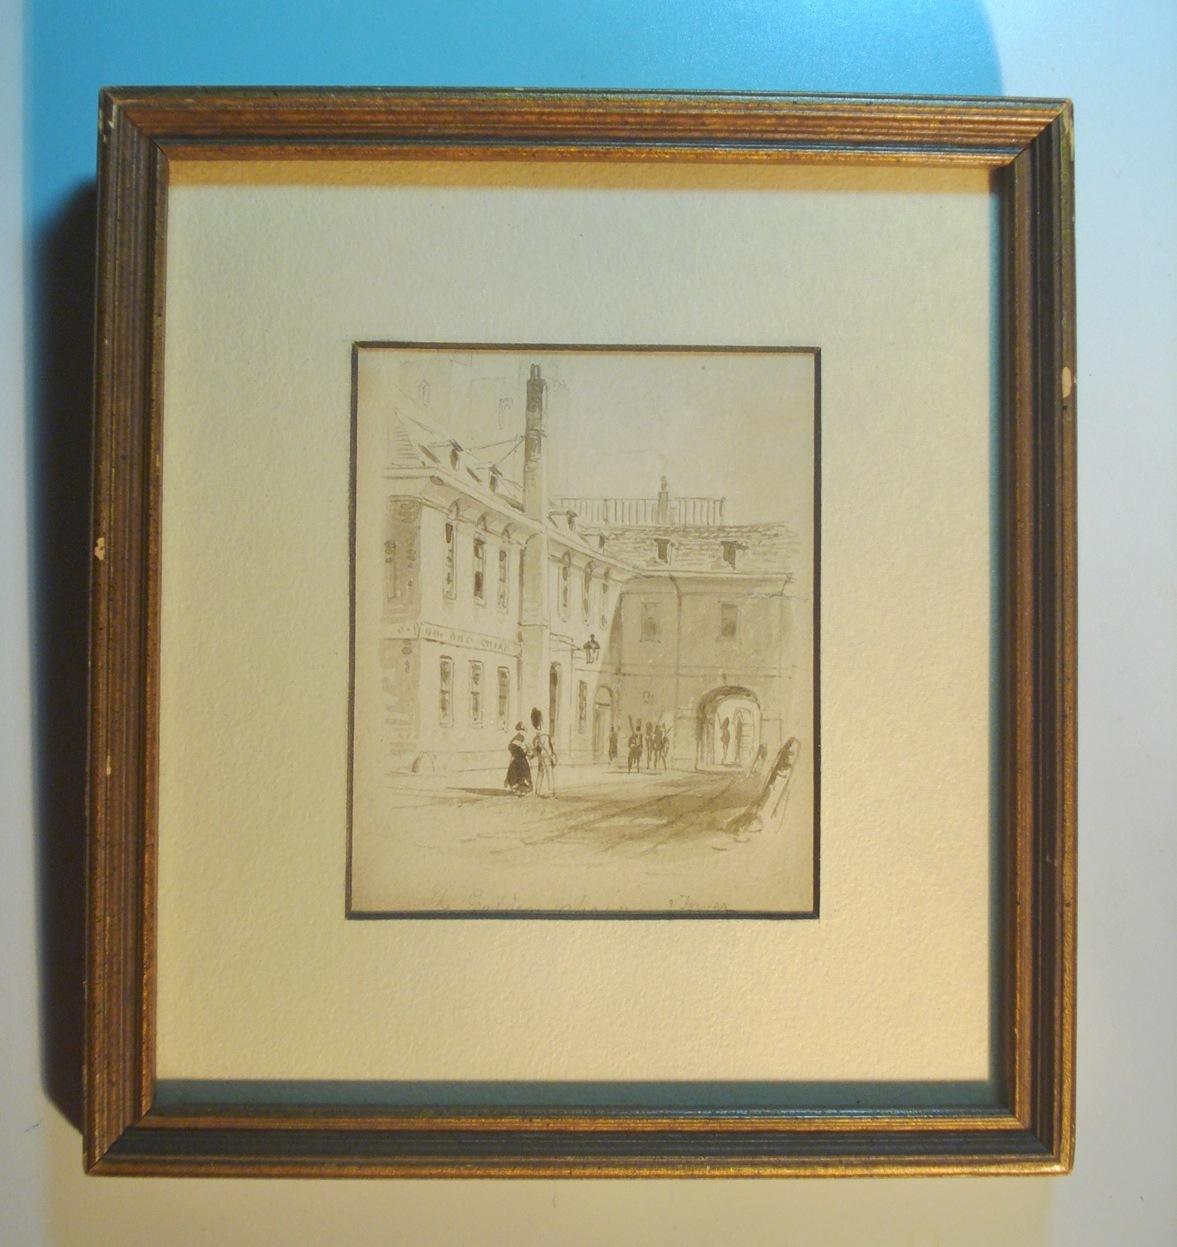 Castle Art Watercolor Painting Illegible Signature Title 01588